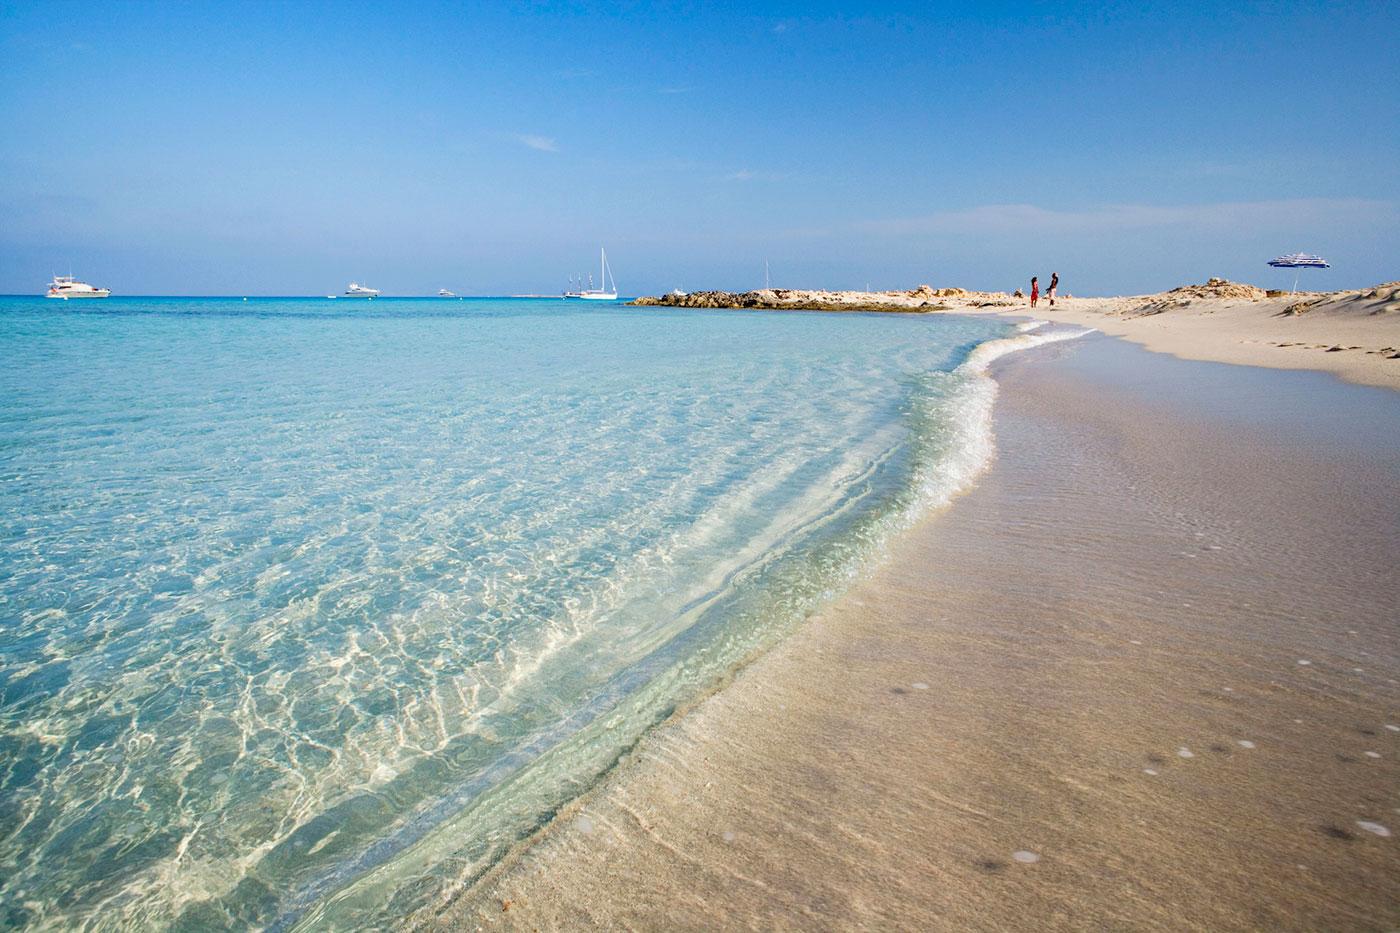 playa-ses-illetes-formentera. Playas de Ses illetes, Formentera - Lucía y el sexo